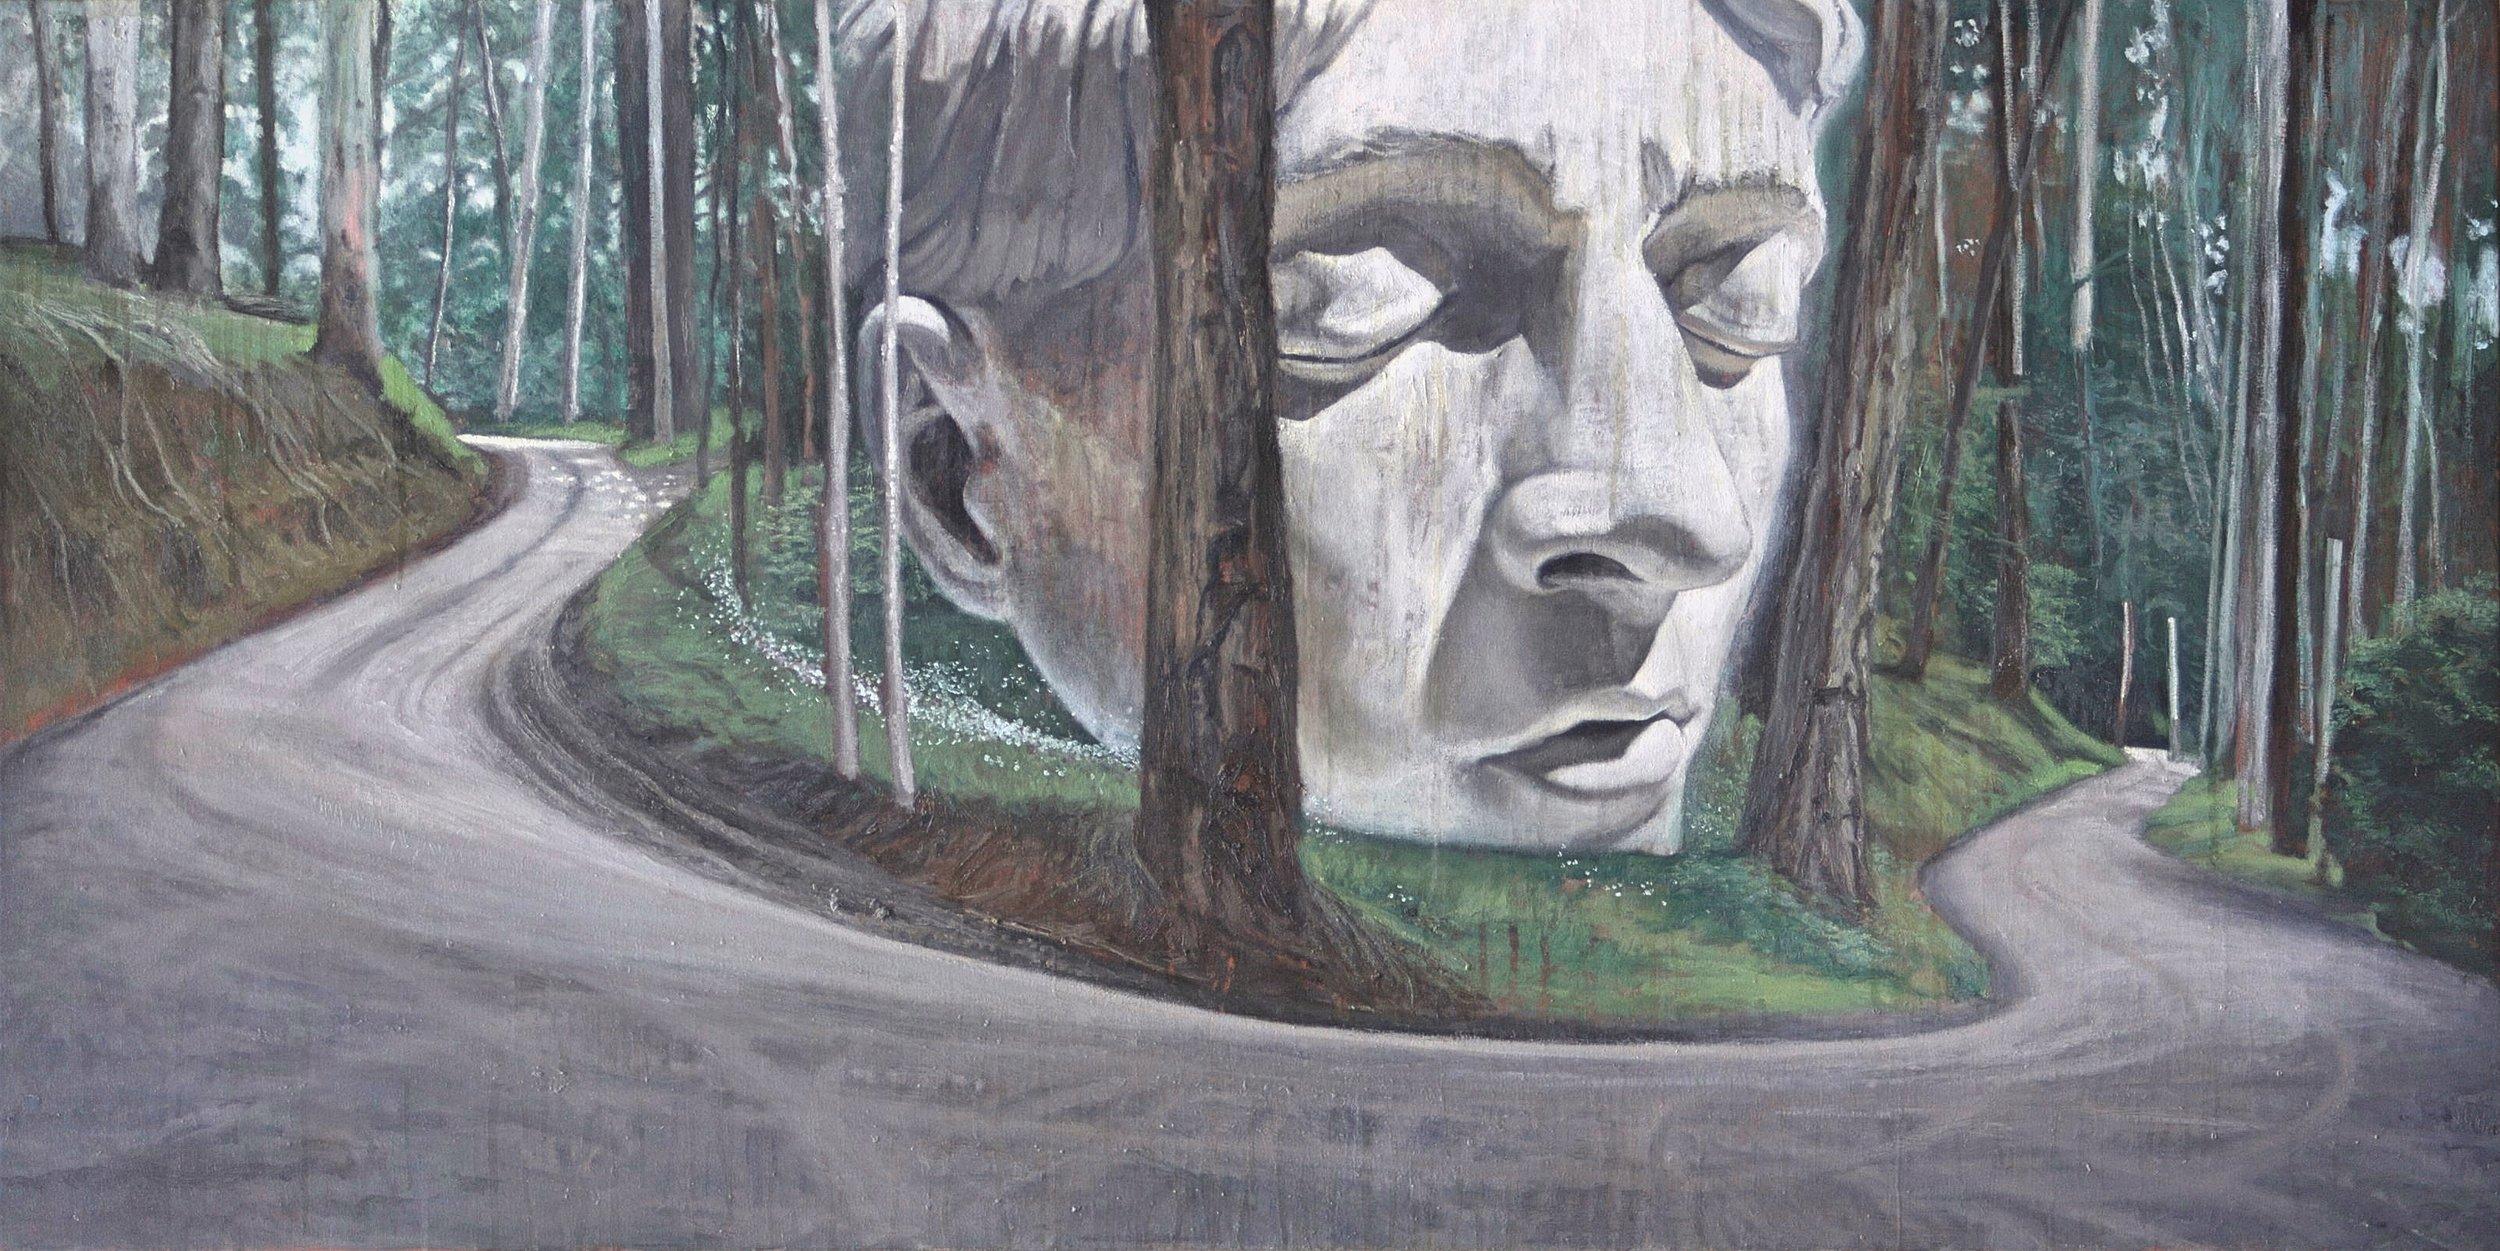 William Road monolith.